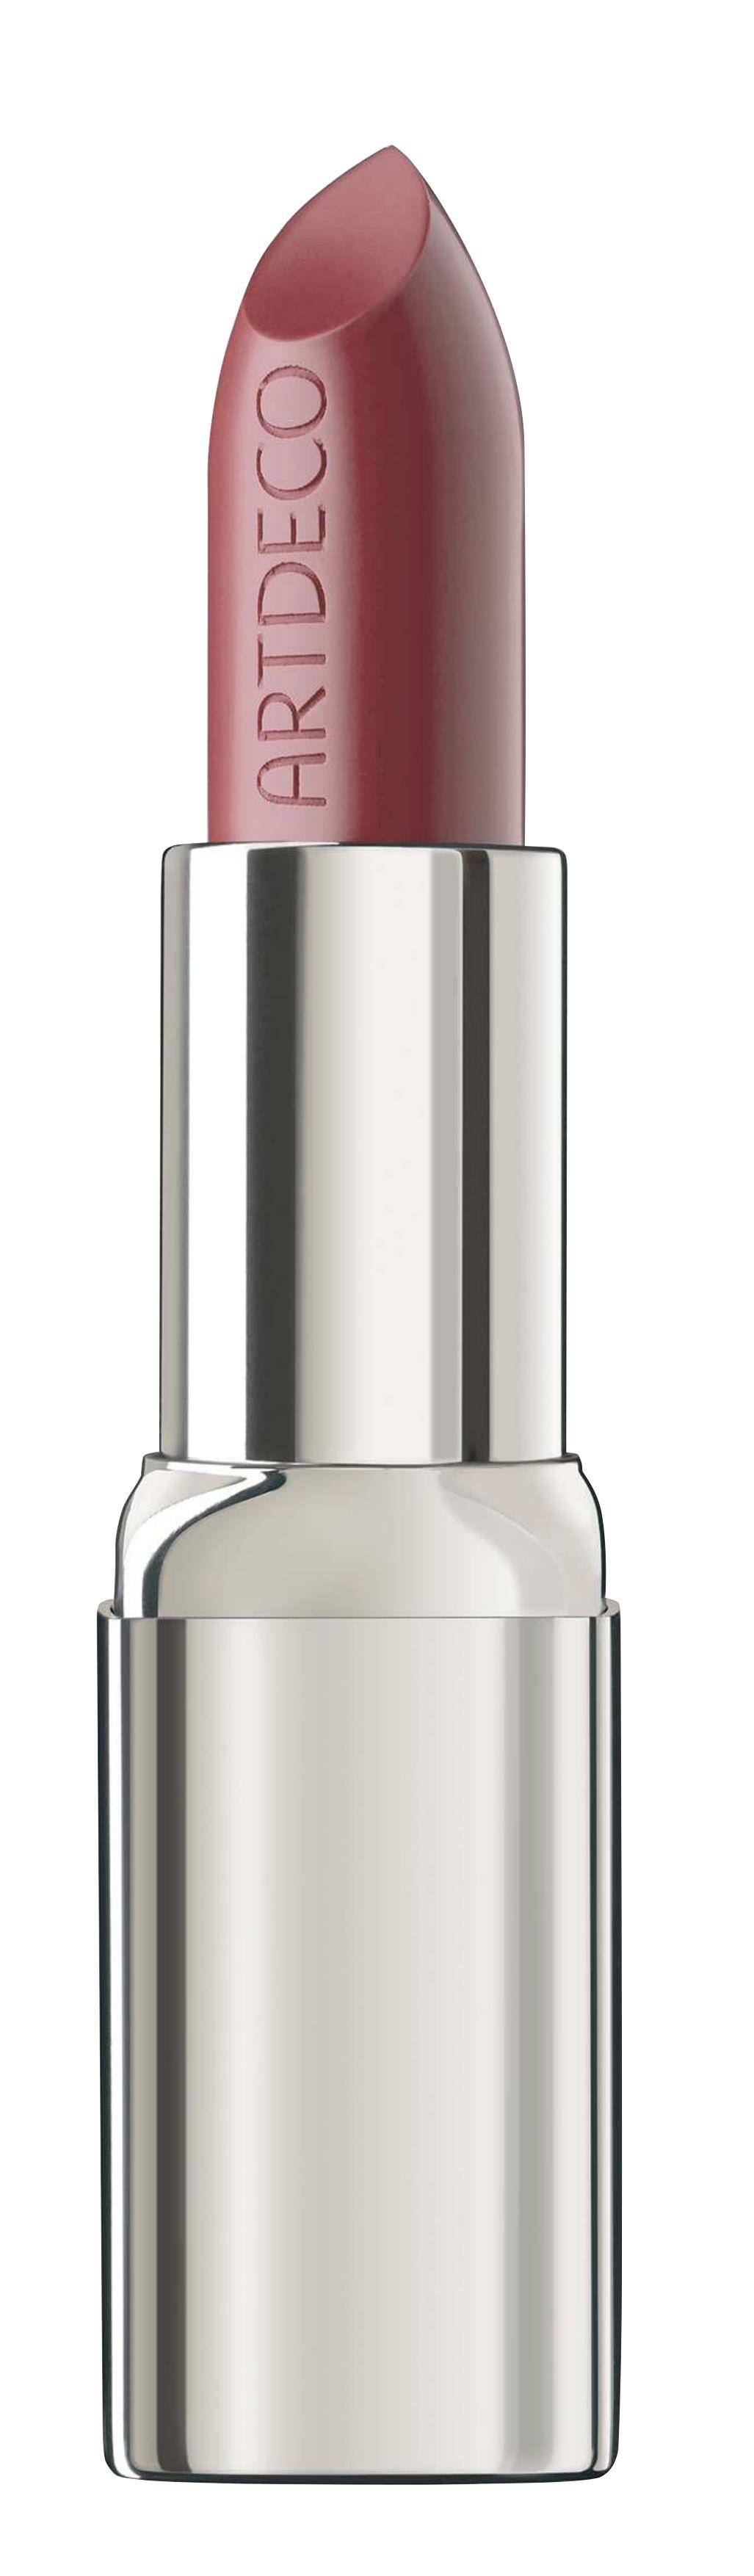 Artdeco помада для губ придающая объем High performance 465 4г12.465Роскошная текстура насытит губы объемом, благодаря специальному запатентованному компоненту Макси лип, и придаст вашим губам непревзойденную женственность и чувственность! Специальная формула смягчает губы с помощью пантенола и витамина Е. Наивысшая концентрация олигопептидов клетка за клеткой обновляет кожу ваших губ, они готовы к новым улыбкам и поцелуям…